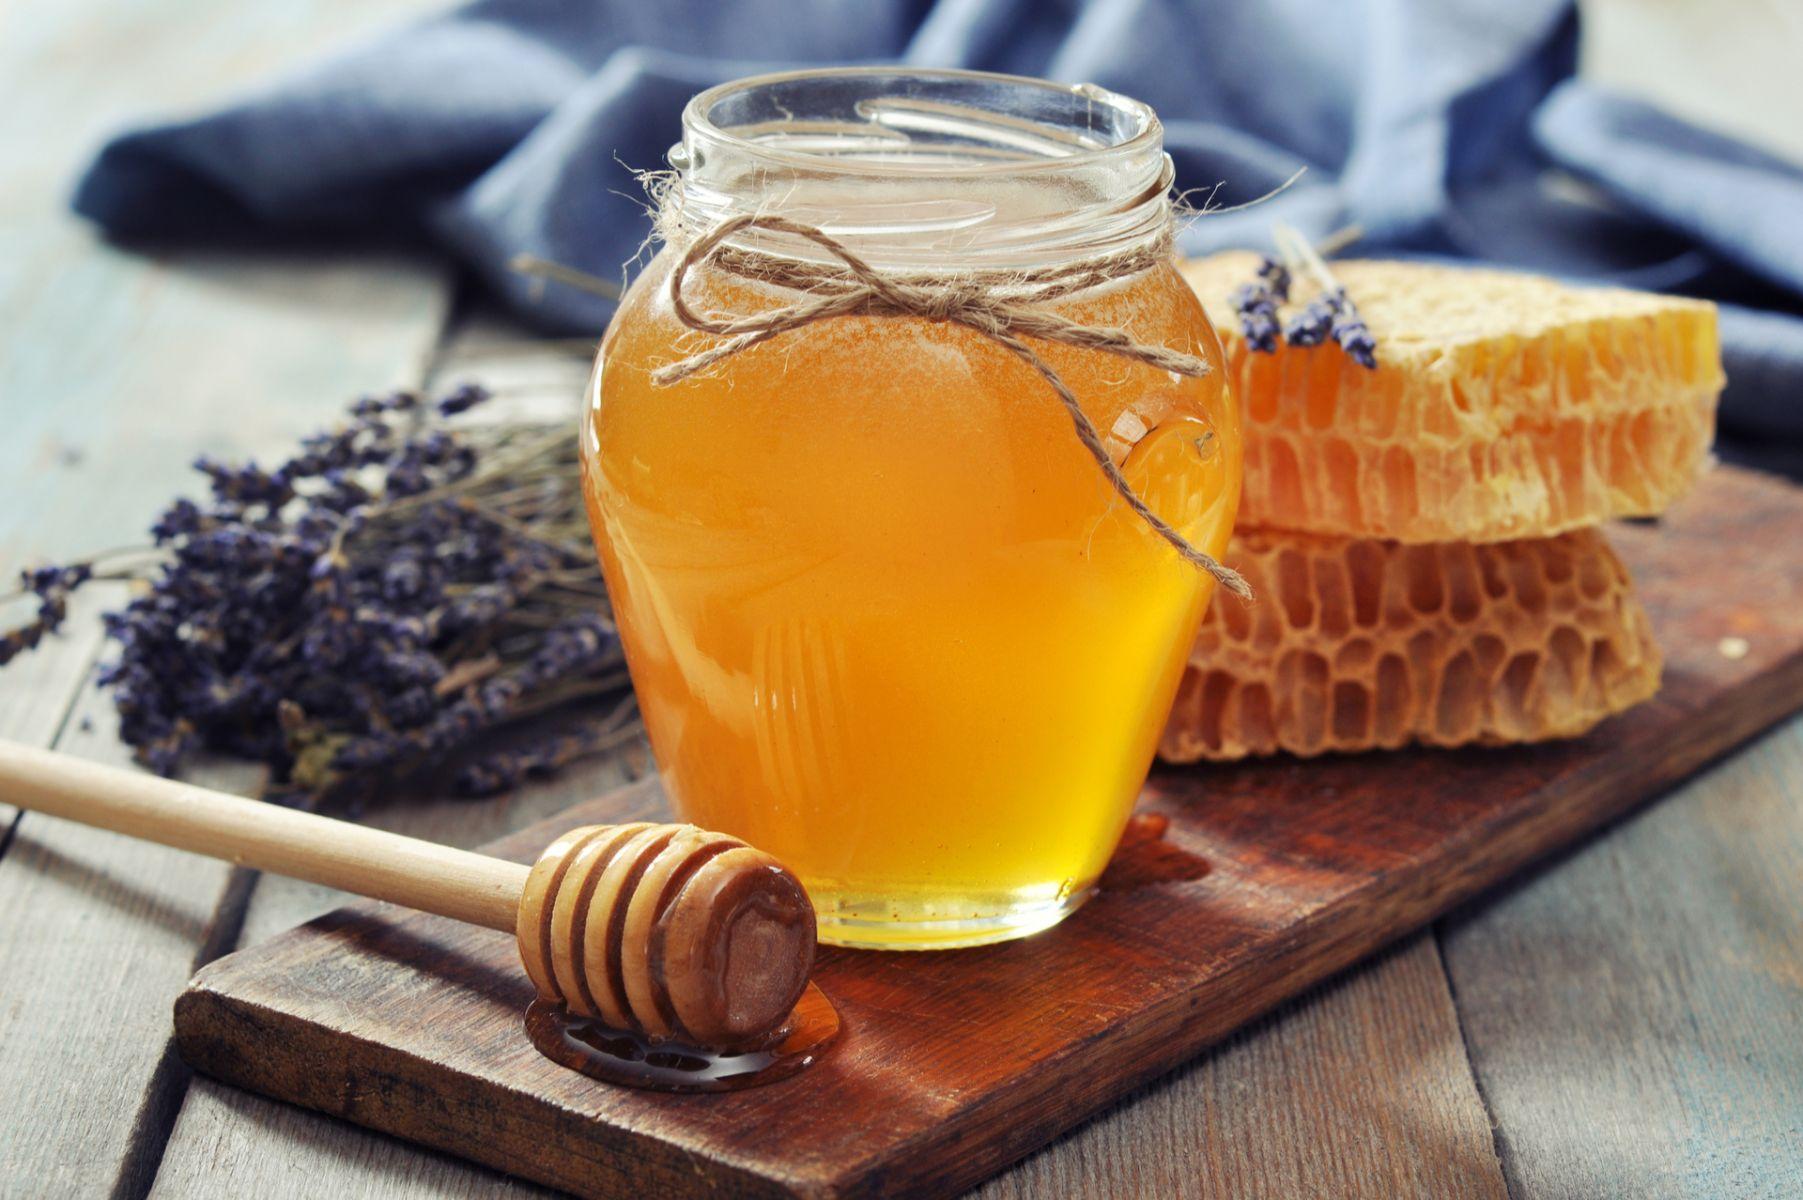 不純砍頭?小心錯誤保健2迷思 蜂蜜養生食療搭配生薑、牛奶吃,養生一級棒